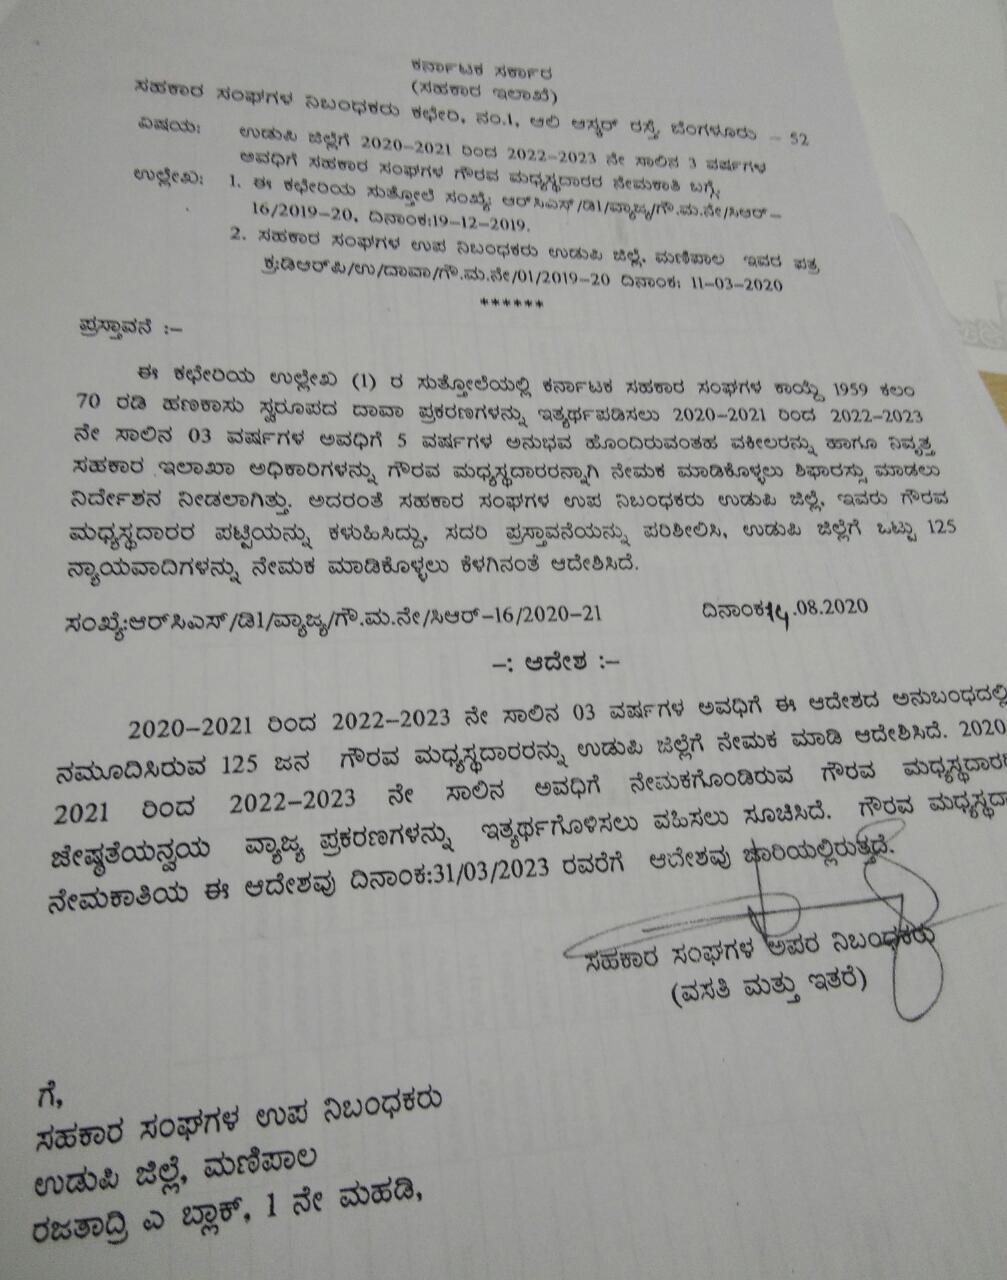 ದಕ್ಷಿಣ ಕನ್ನಡ ಜಿಲ್ಲಾ ಸಹಕಾರಿ ಇಲಾಖೆ ನೌಕರರ ಉದ್ಧಟತನ: ನೂರಾರು ವಕೀಲರಿಗೆ ಅನ್ಯಾಯ